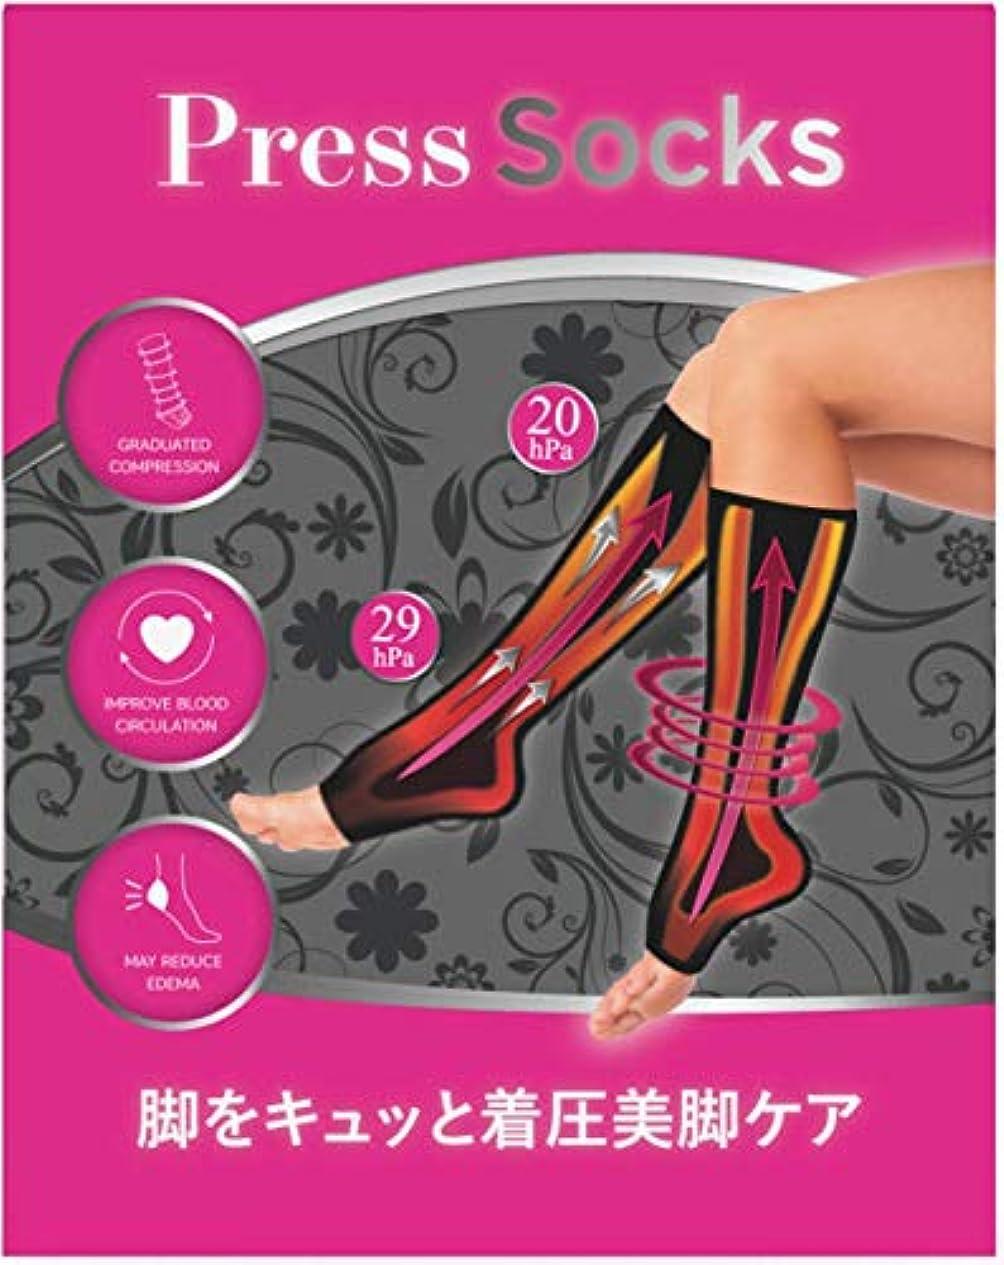 入学する慣らす目を覚ます【PRESS SOCKS】 着圧ソックス 加圧 脚やせ 美脚 むくみ (S/M)